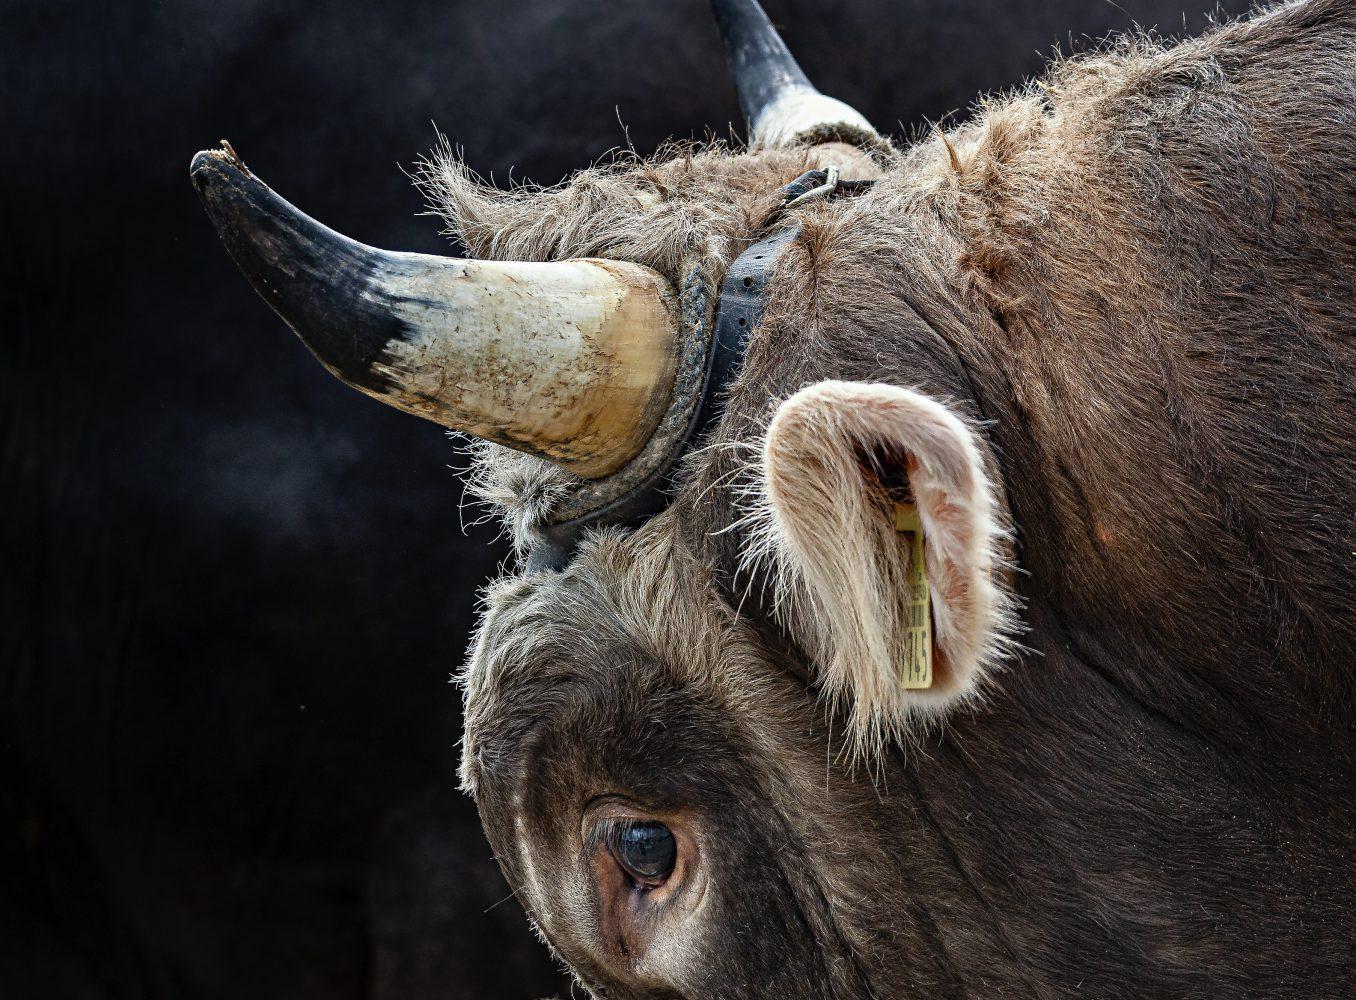 Stierenmarkt Zug, Stier, Detail: Auge und Horn